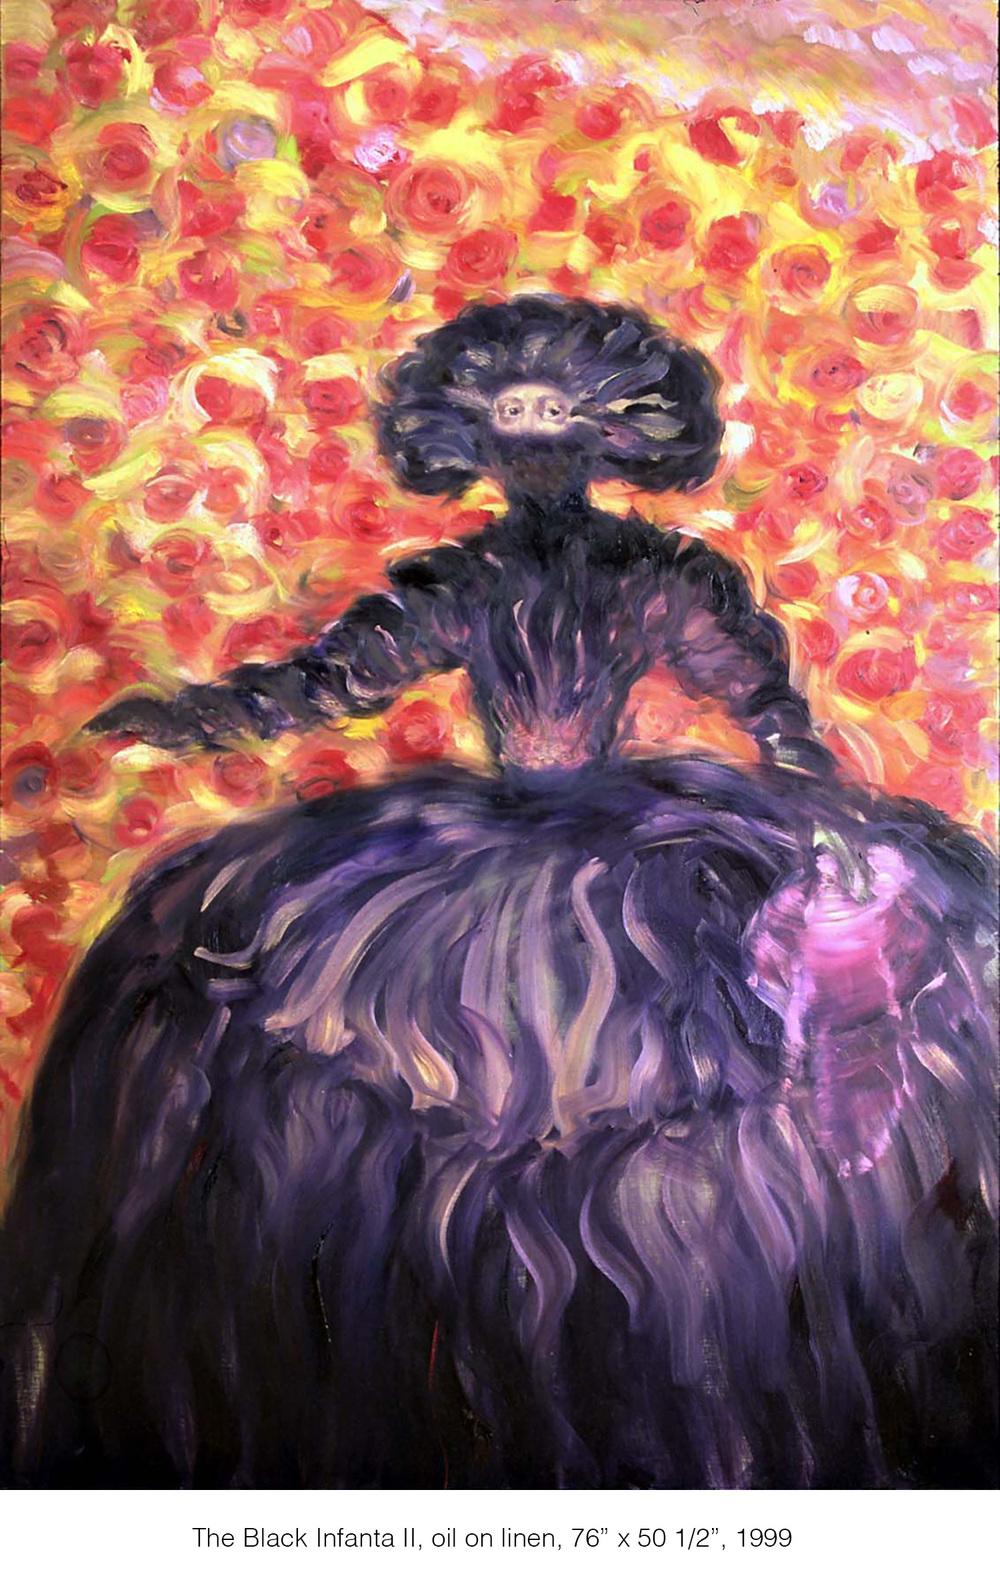 The Black Infanta II_1500.jpg